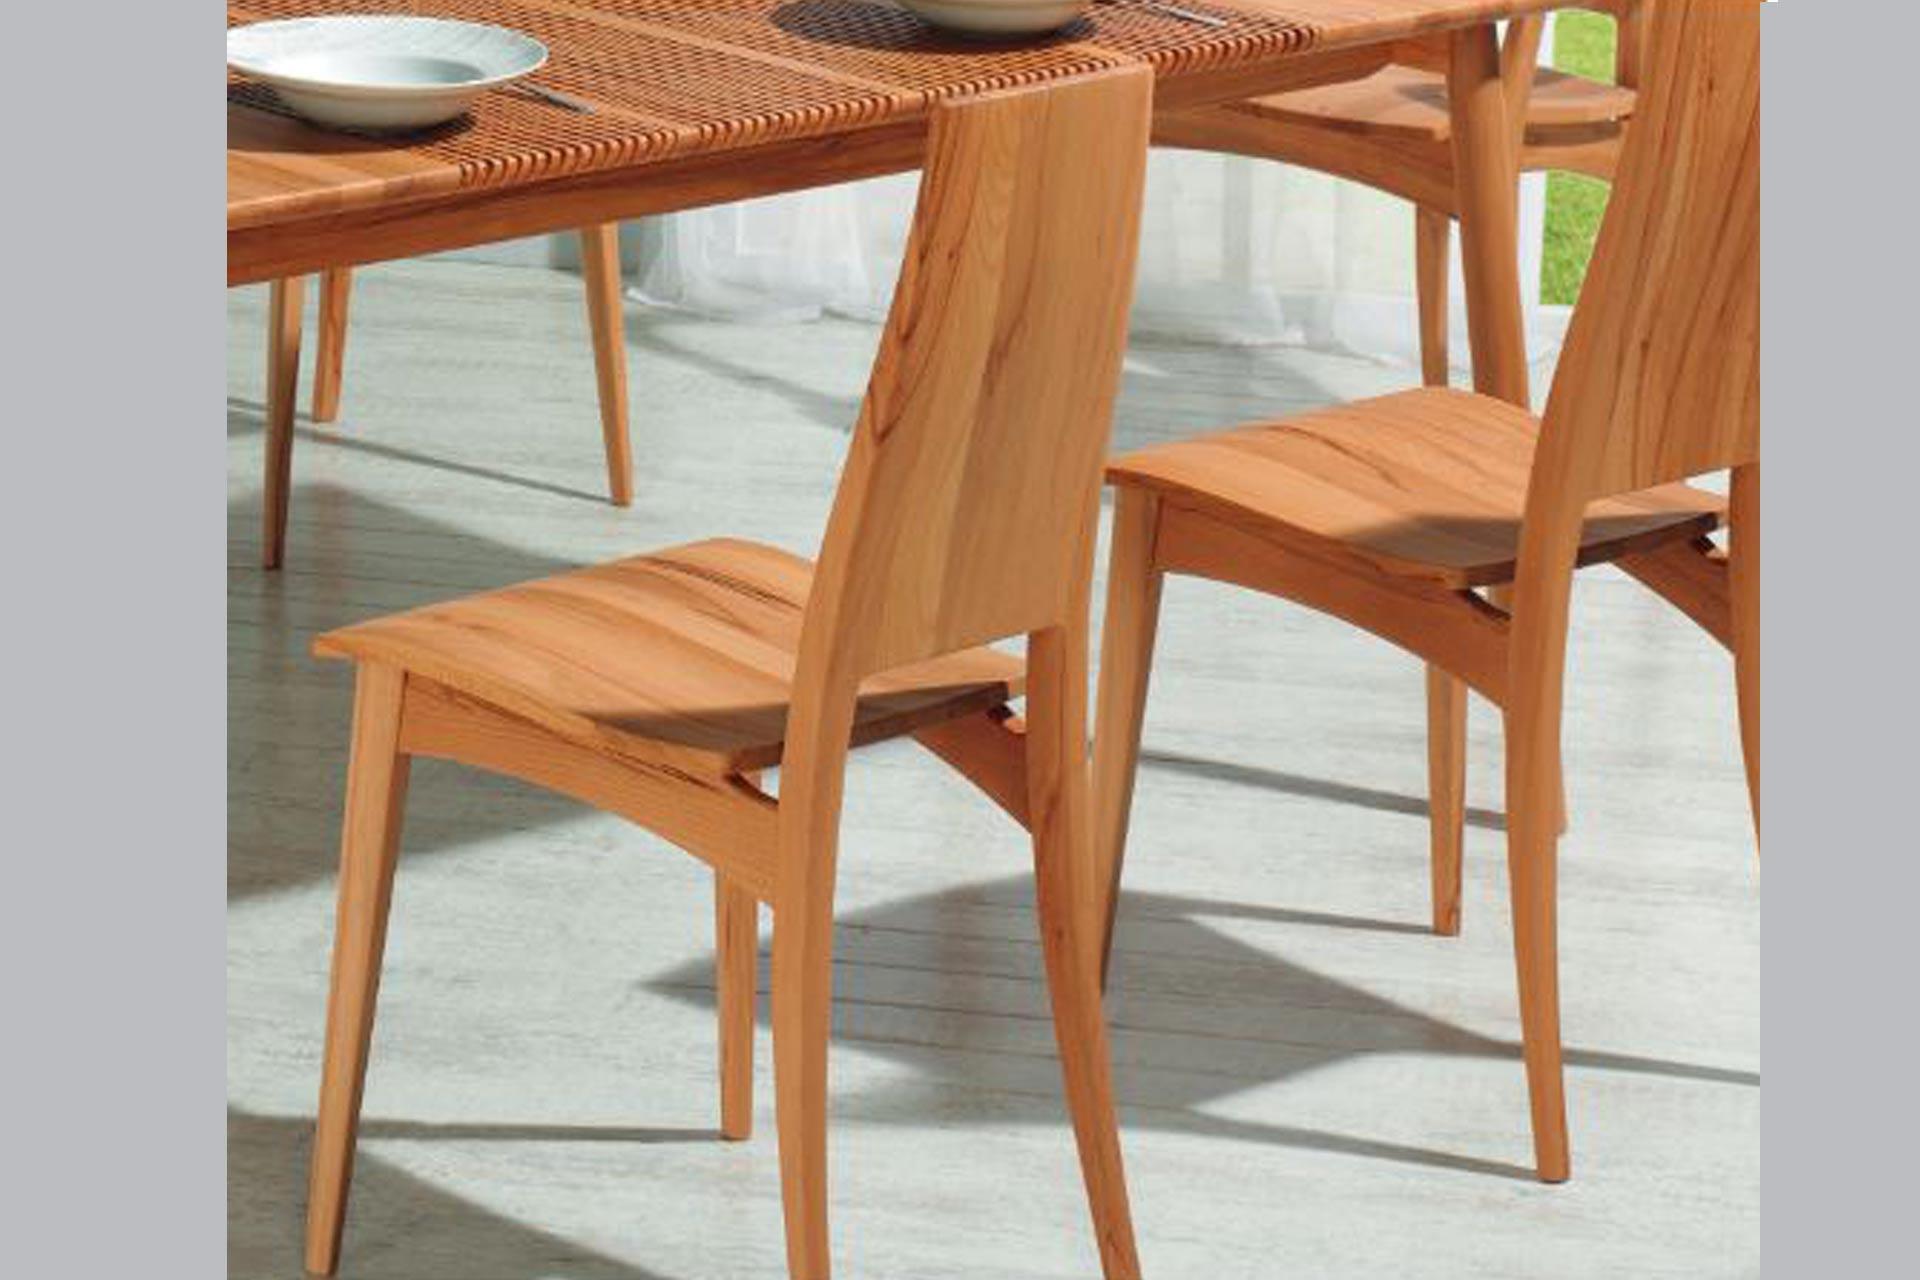 Stuhl mit Holzsitz und geschlossenem Ru00fccken